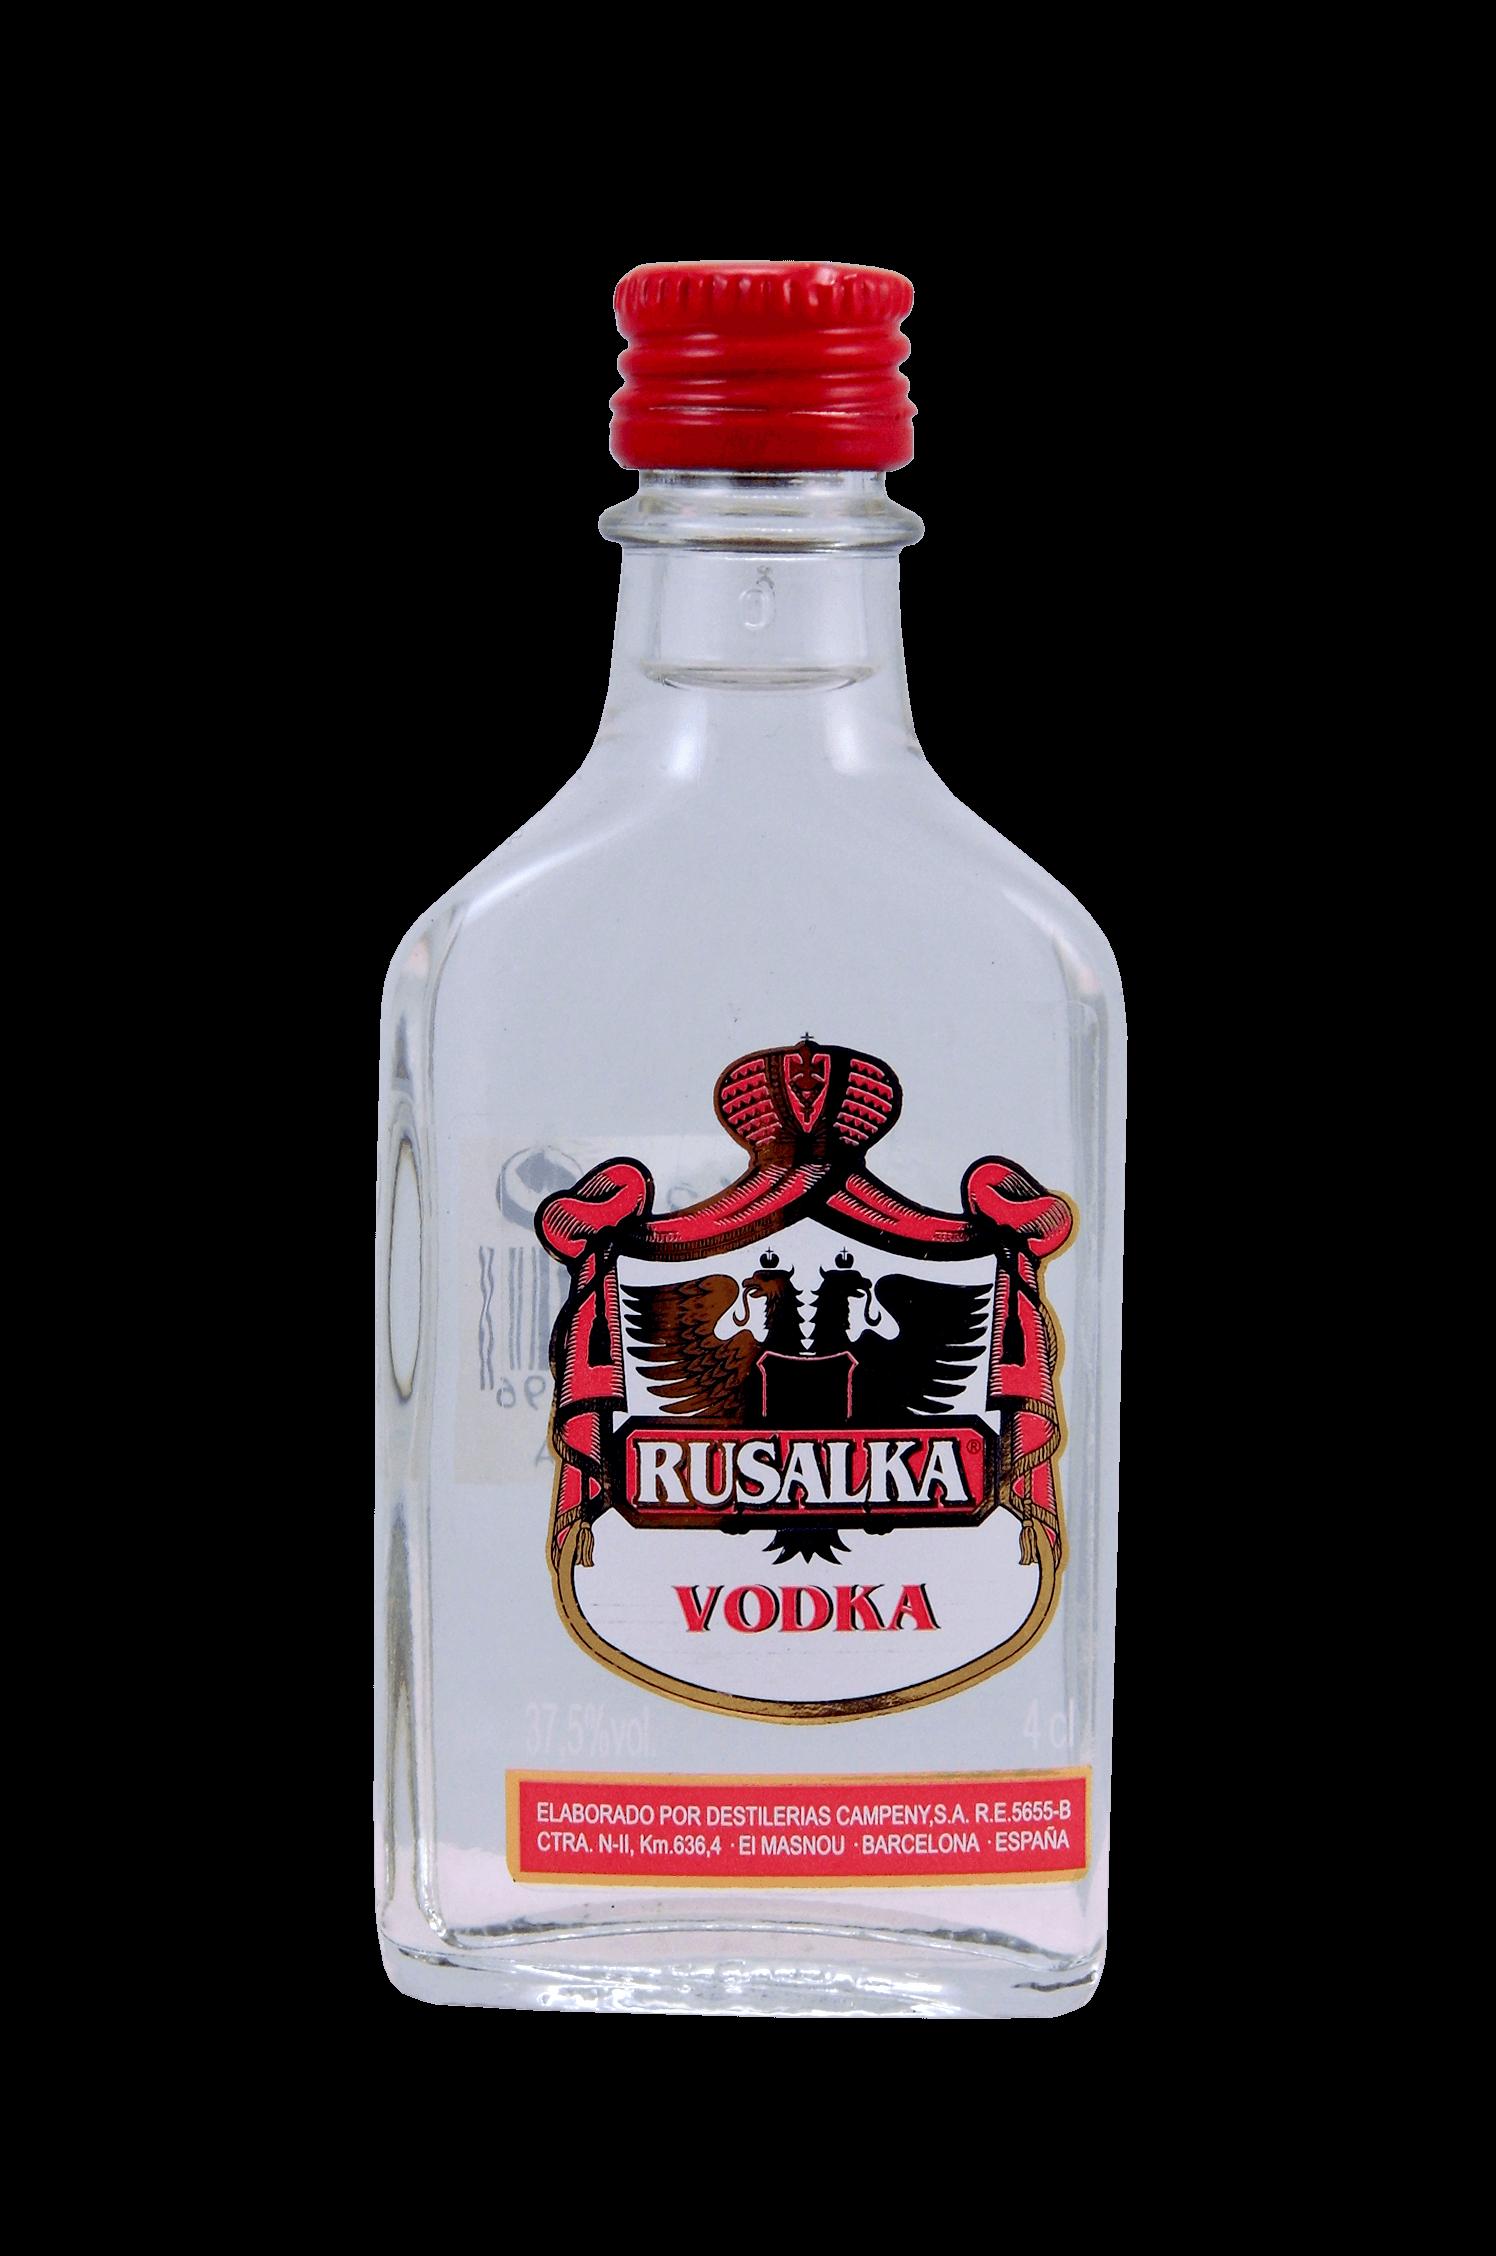 Vodka Rusalka